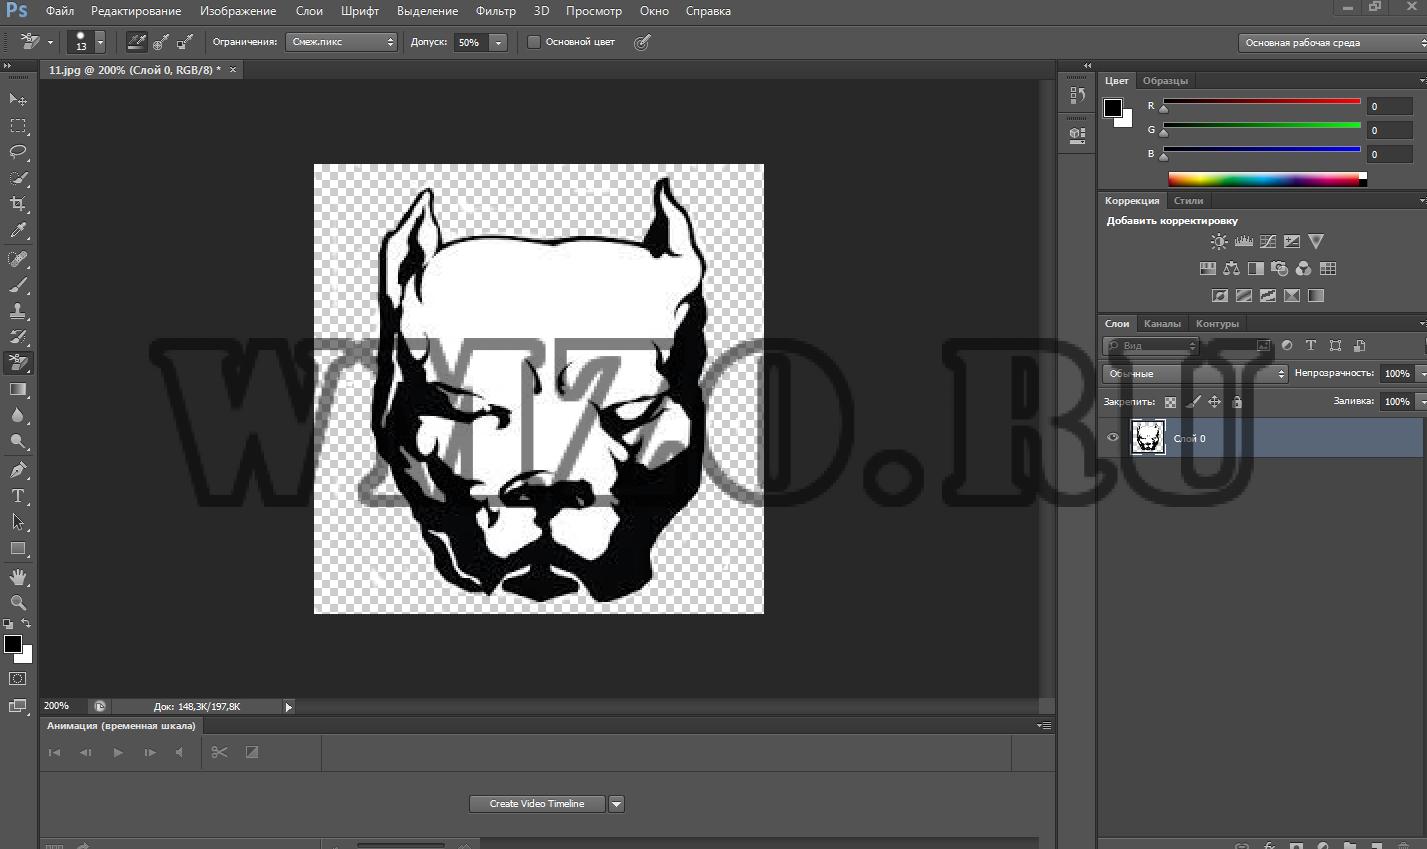 Photoshop CS6 Extended 13.0.1 x32 Portable